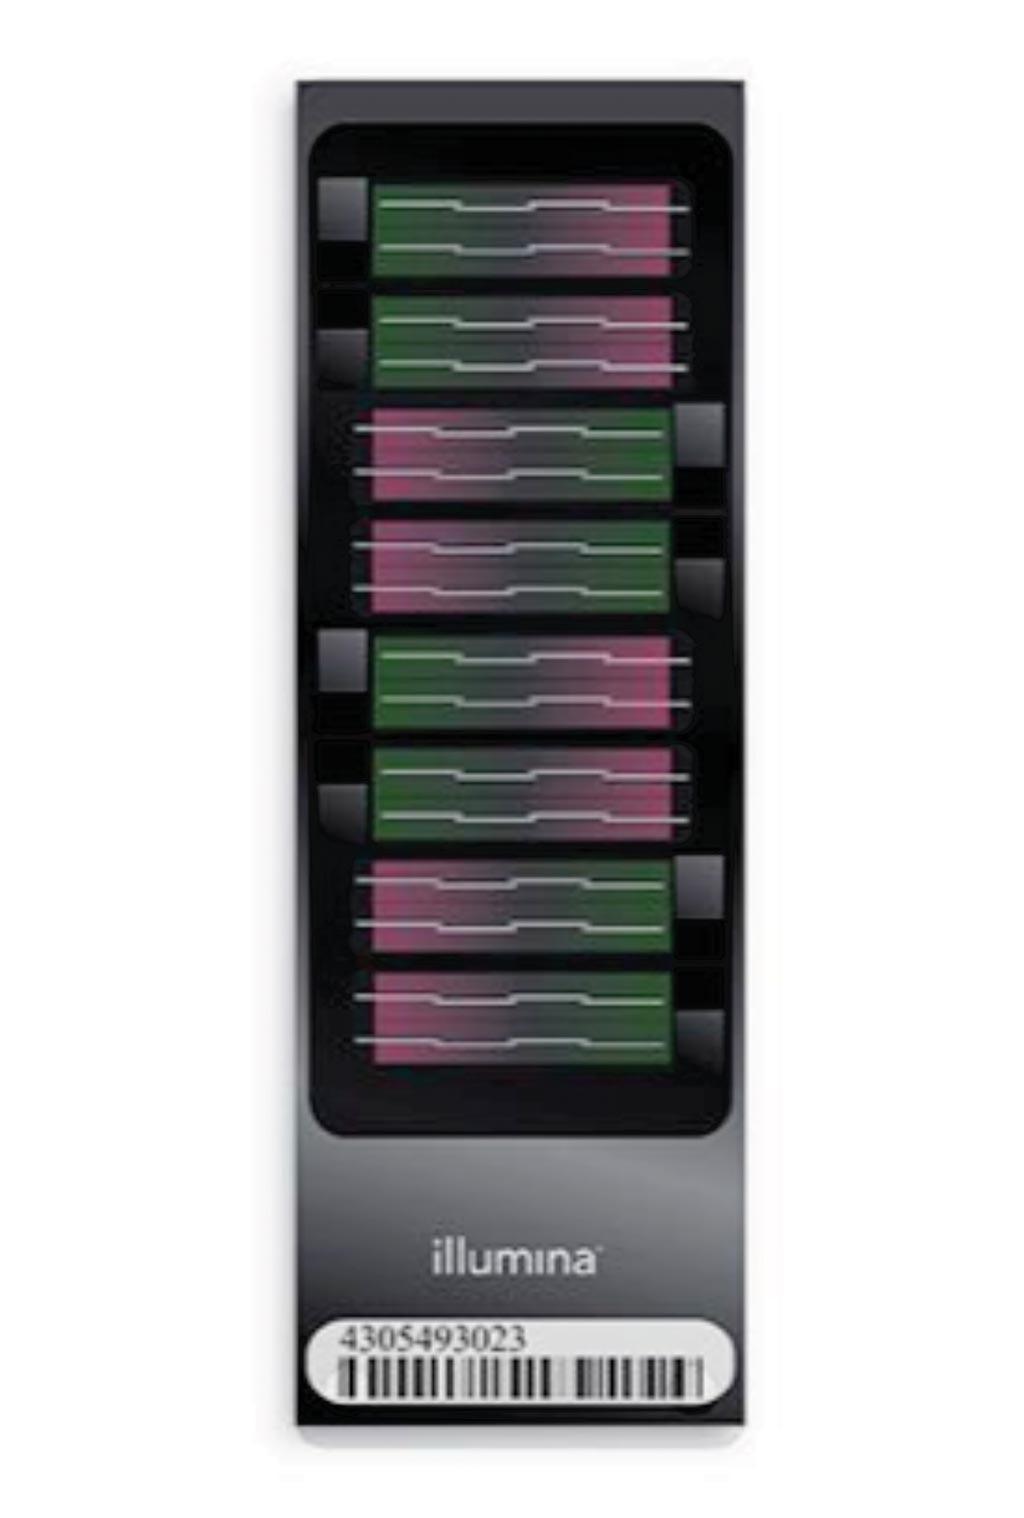 Imagen: El kit Infinium Human Methylation 450K BeadChip: un microarray robusto de análisis de metilación con amplia cobertura de islas CpG, genes y potenciadores utilizado para estudios de asociación de todo el epigenoma (Fotografía cortesía de Illumina).